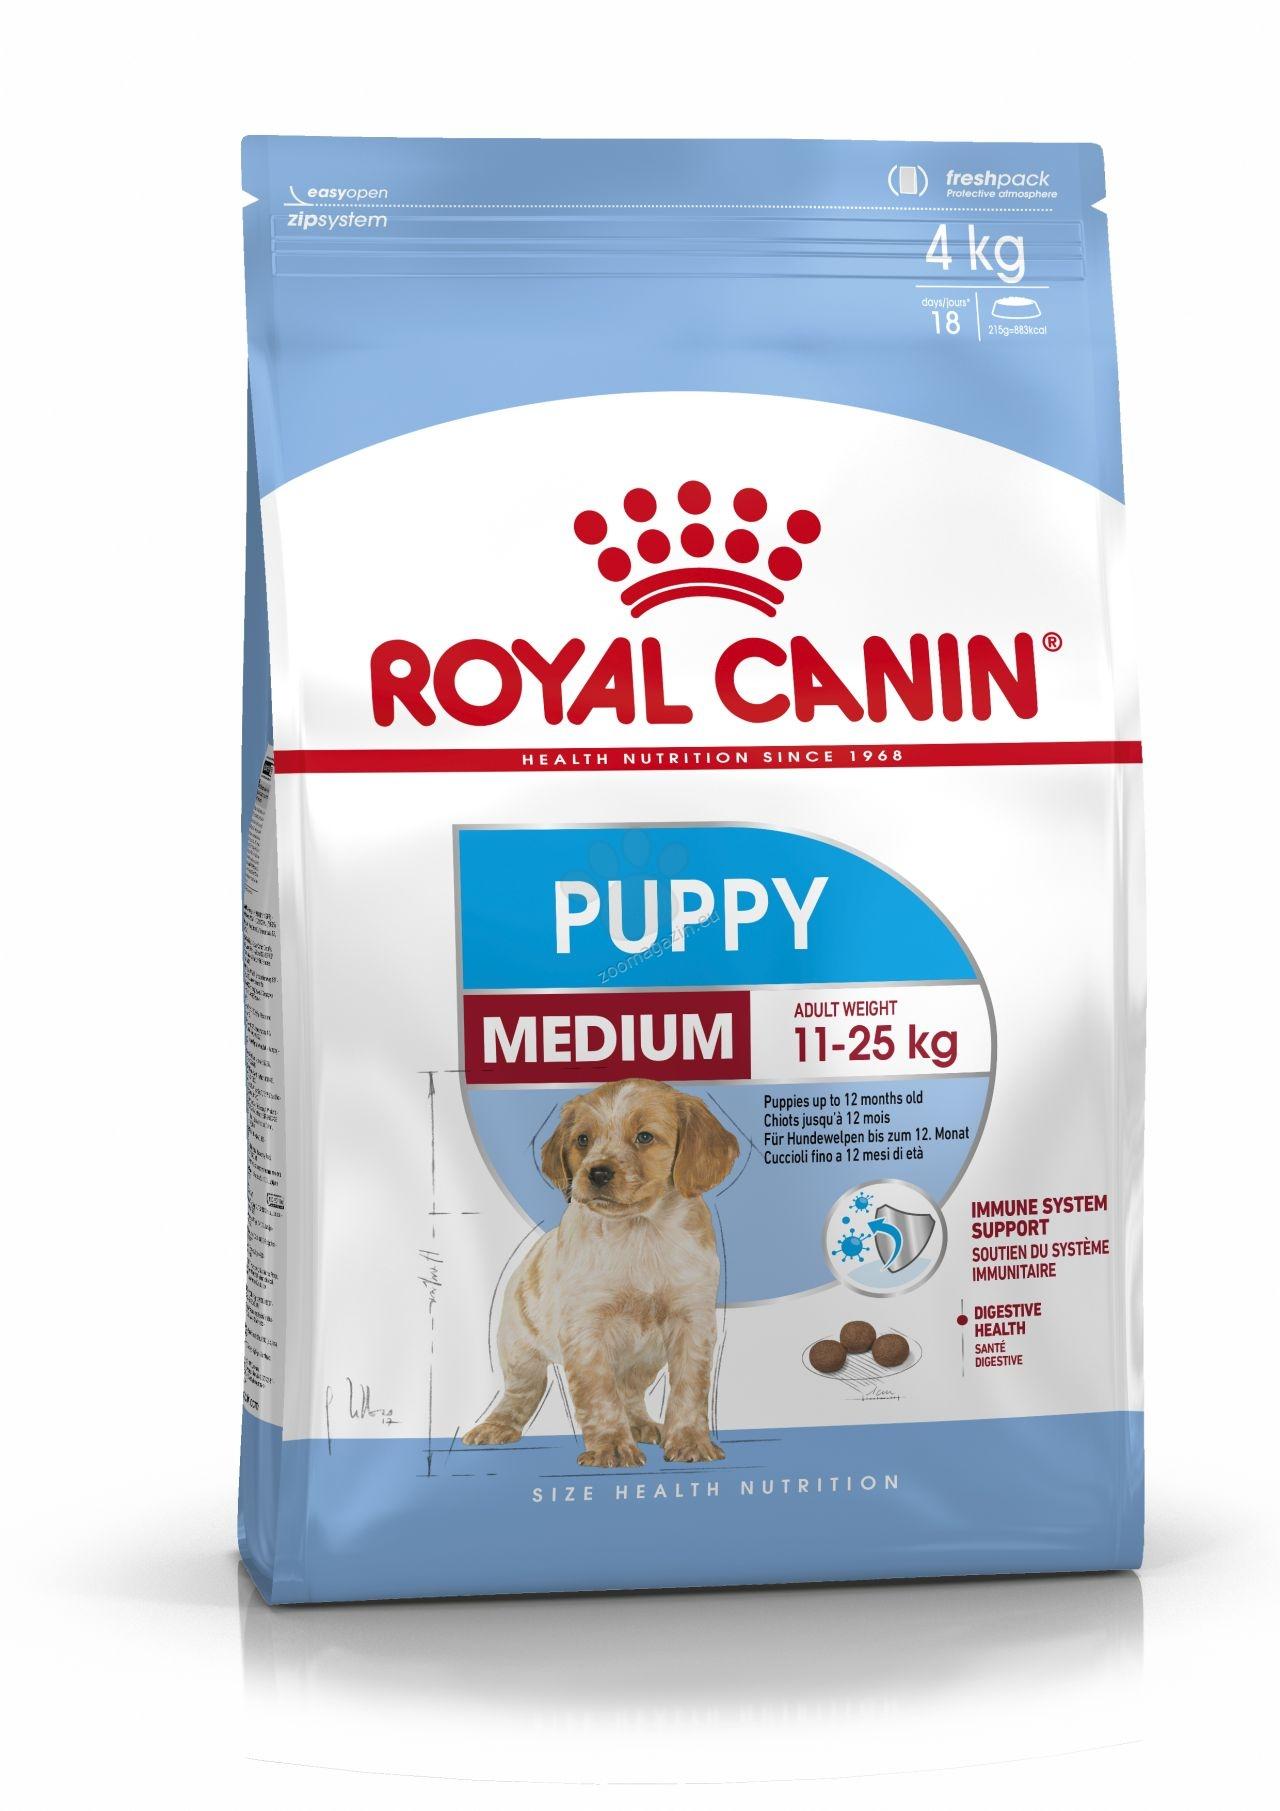 Royal Canin Medium Puppy - пълноценна храна за кученца от средните породи с тегло в зряла възраст от 11 до 25 кг.,  до 12 месечна възраст 15 кг.